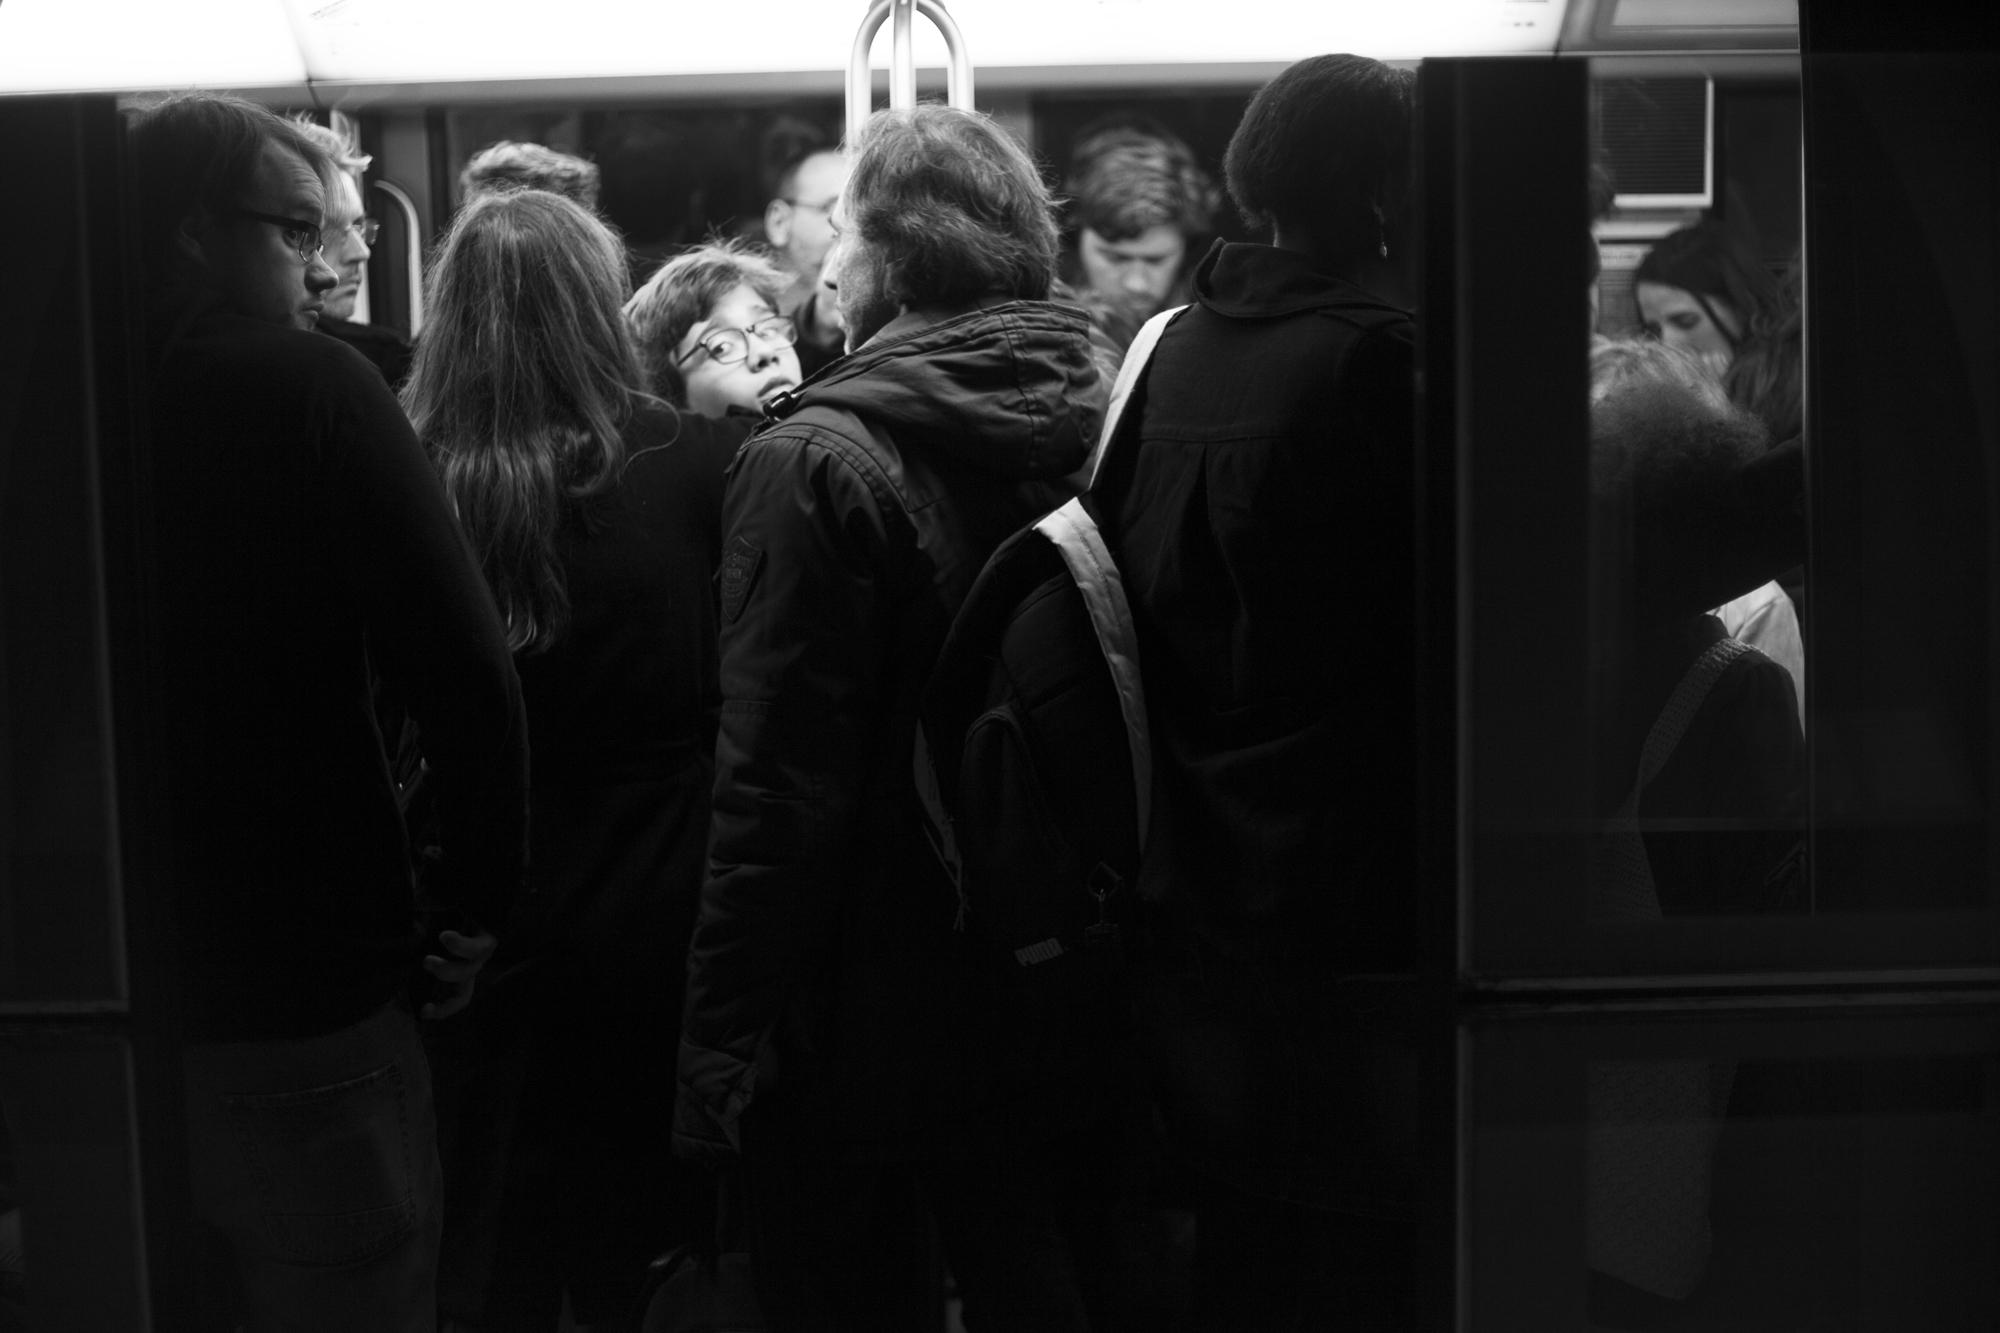 """""""No exit"""" - Station de métro Concorde, Paris (2017). © Clémence Rougetet"""